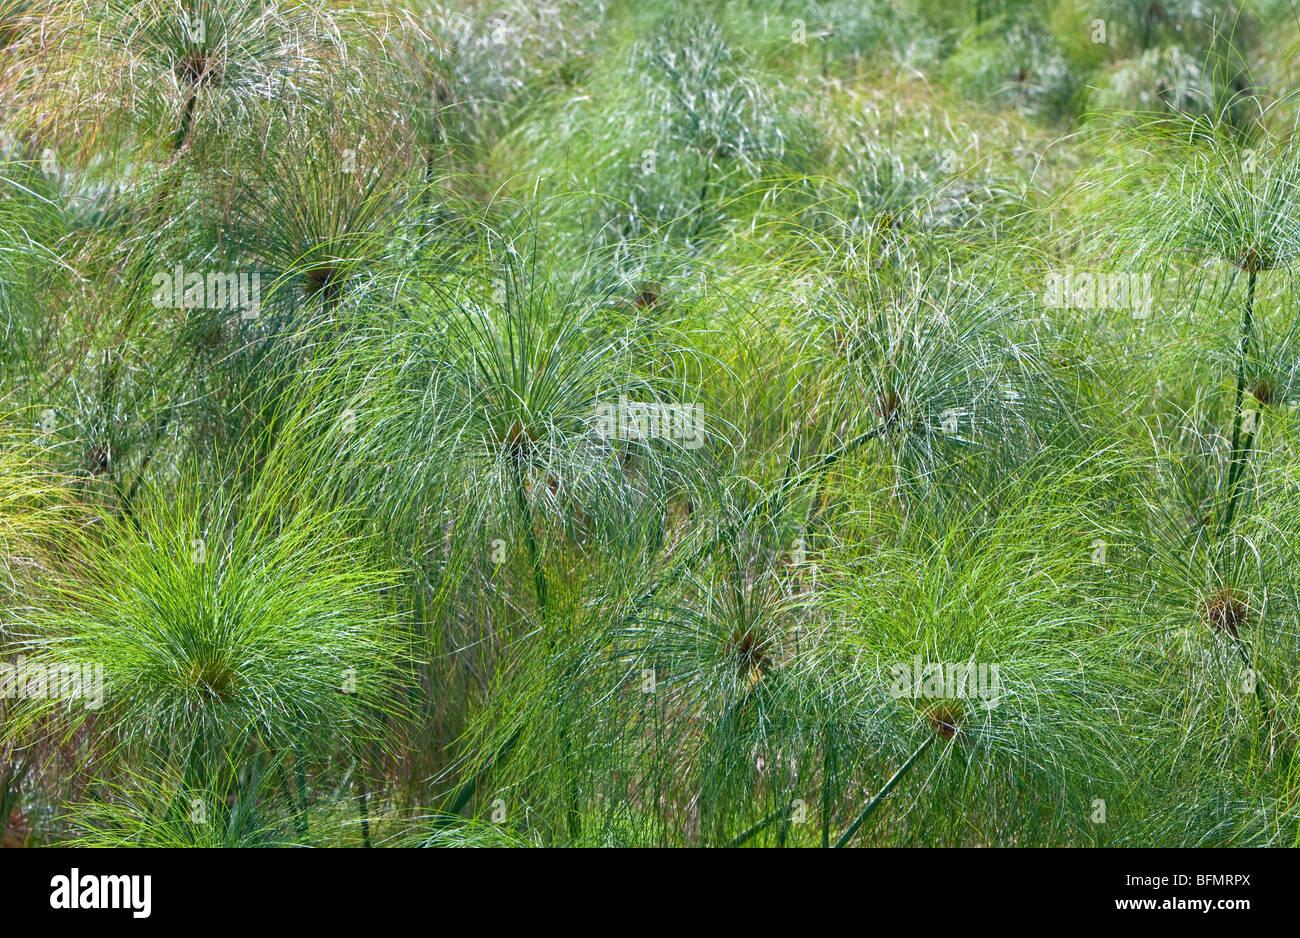 De plus en plus de papyrus dans un marais d'eau douce alimenté par un printemps près du lac Bogoria. Banque D'Images